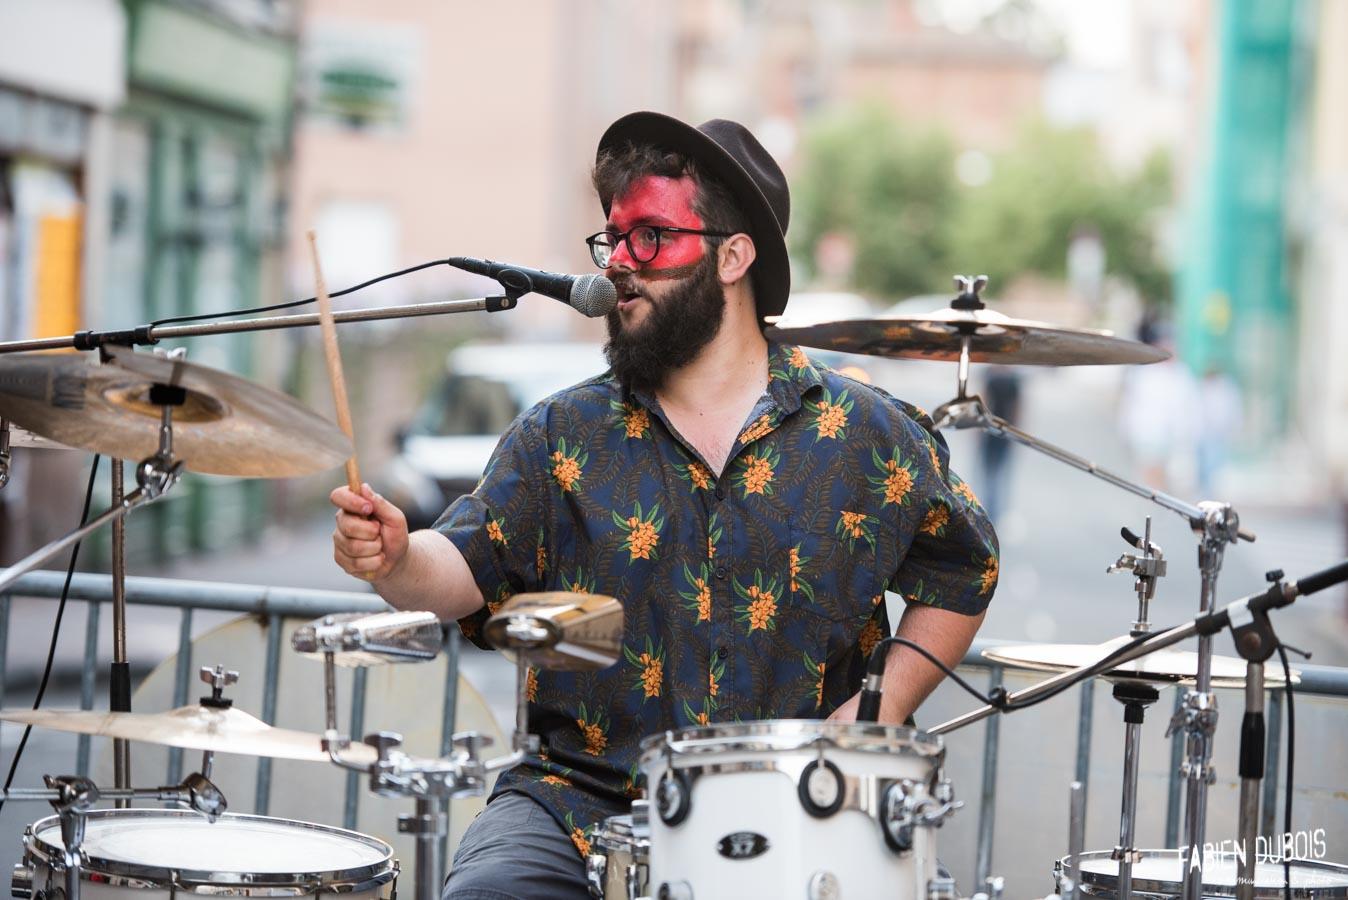 Photo La Pigñata Saint Antoine Fête de la Musique Mâcon 21 Juin 2018